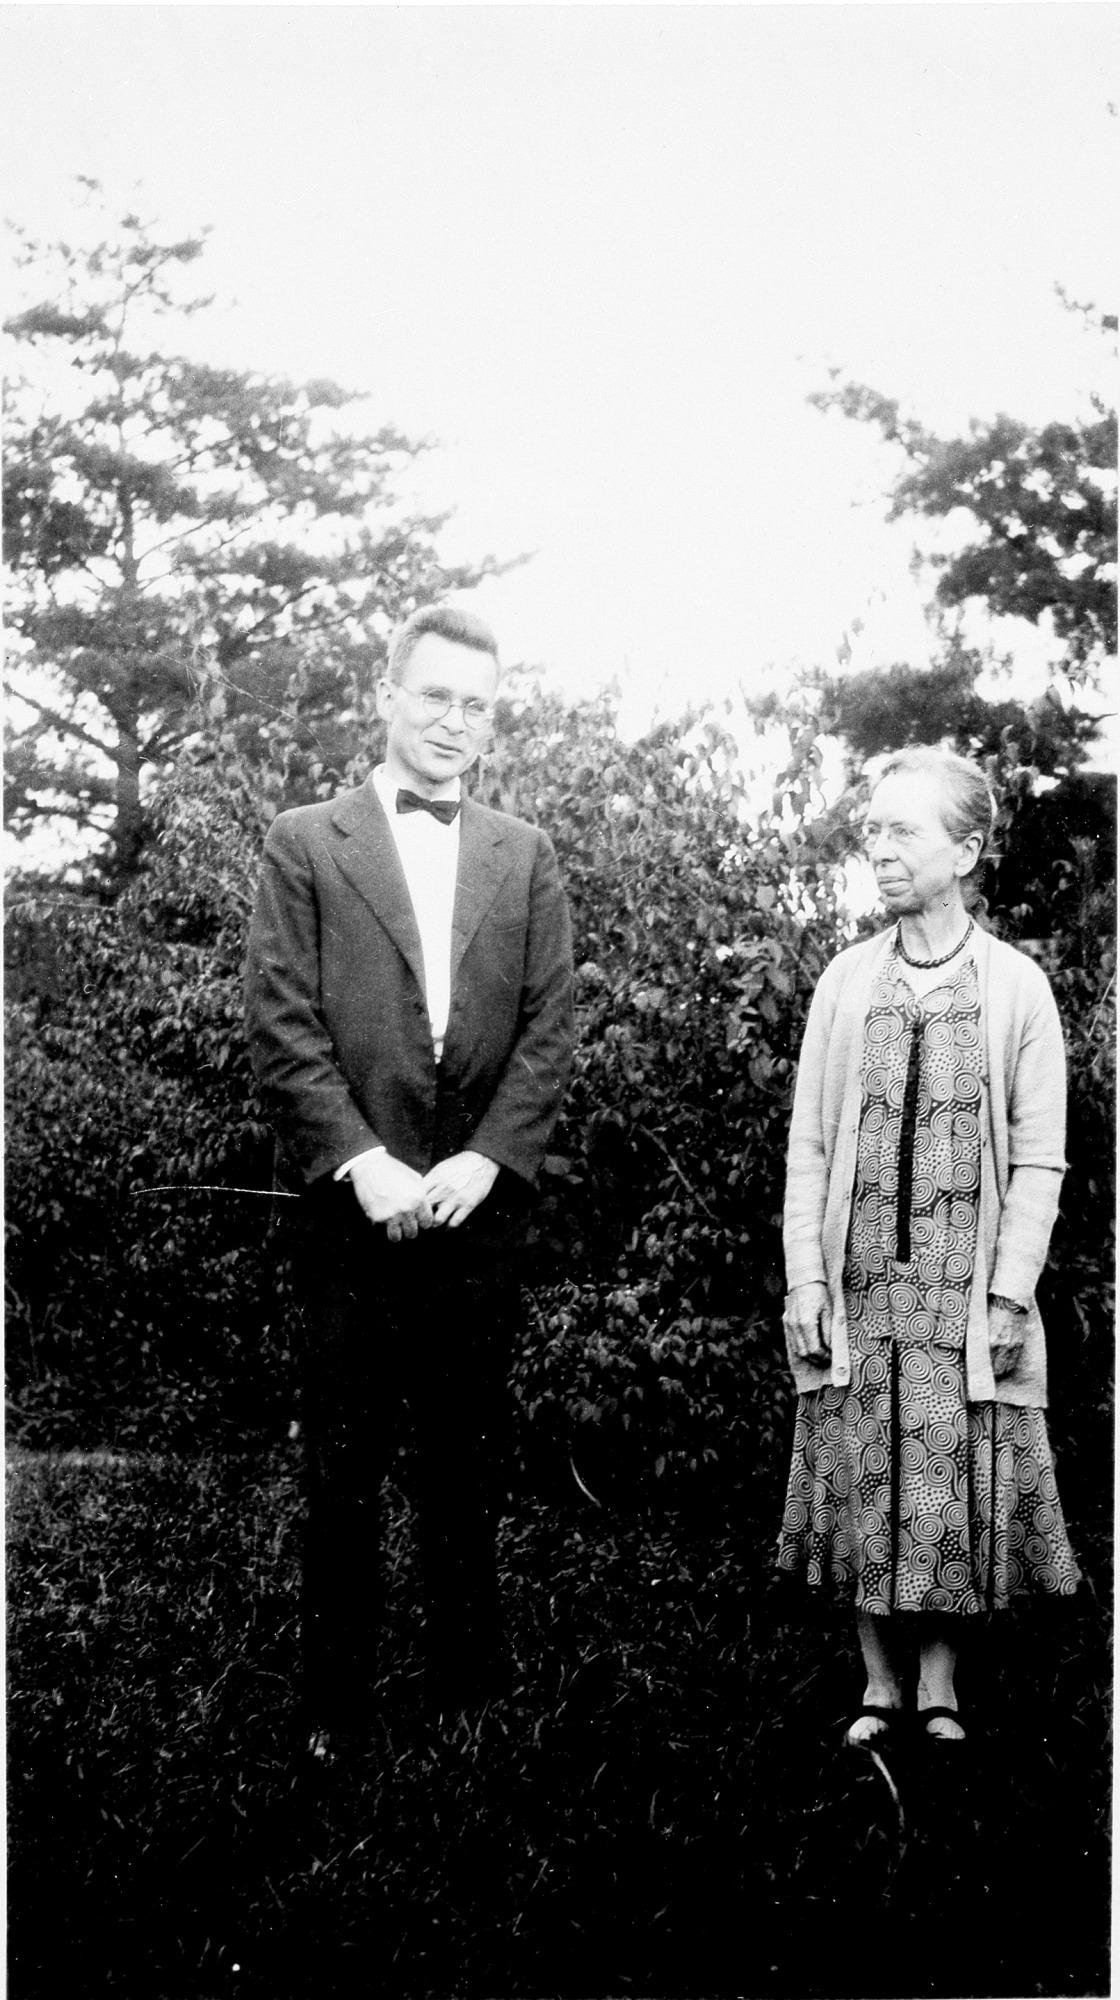 Mary Jane Rathbun and Waldo LaSalle Schmitt